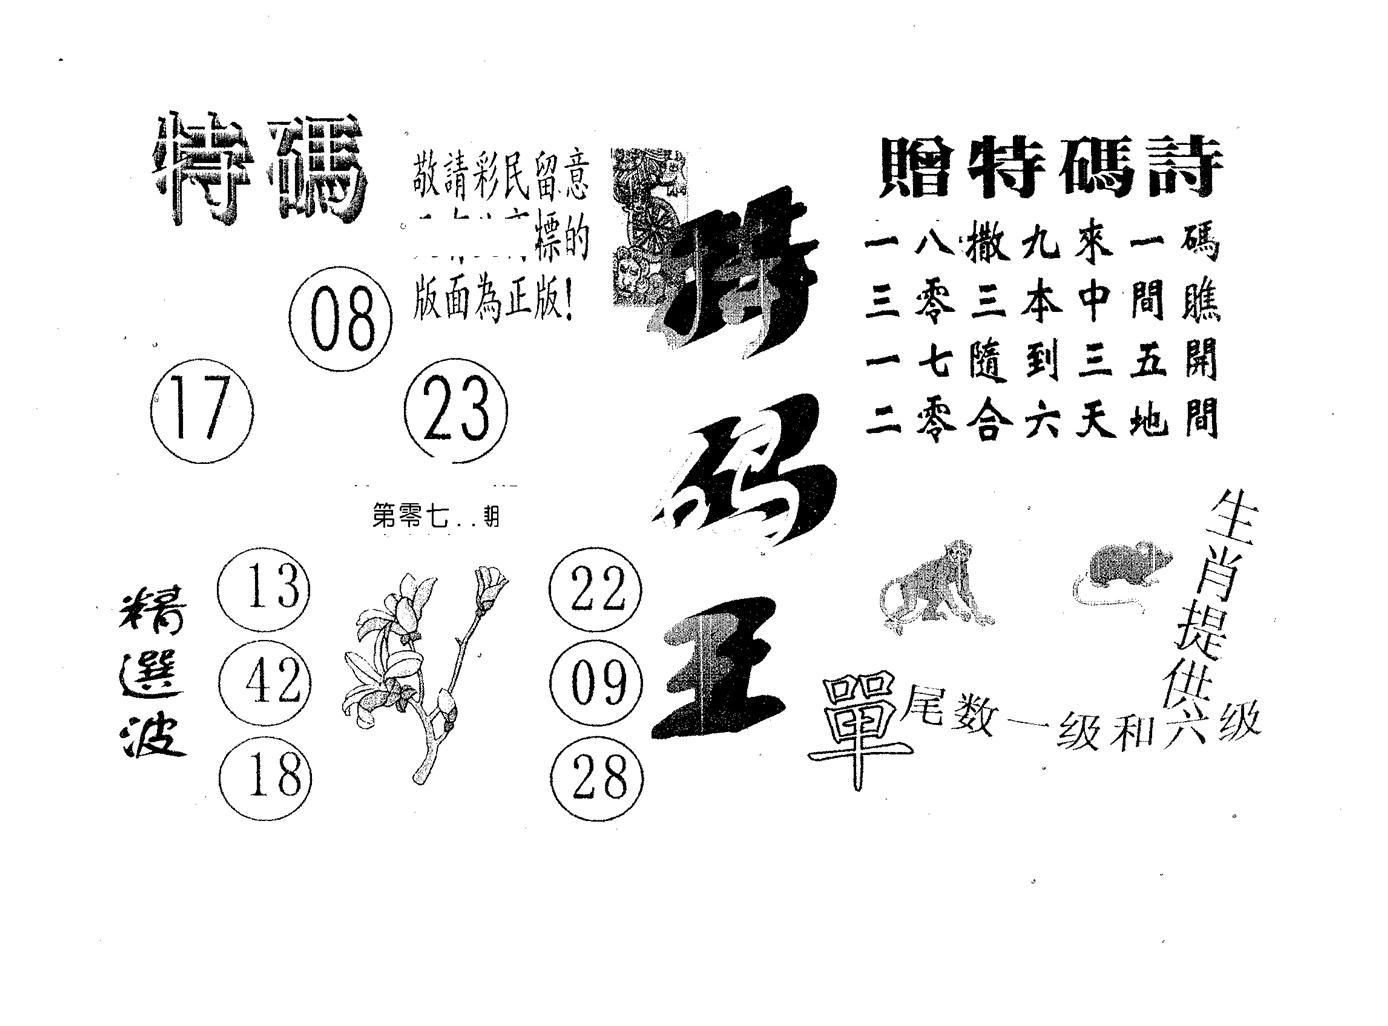 075期特码王A(黑白)